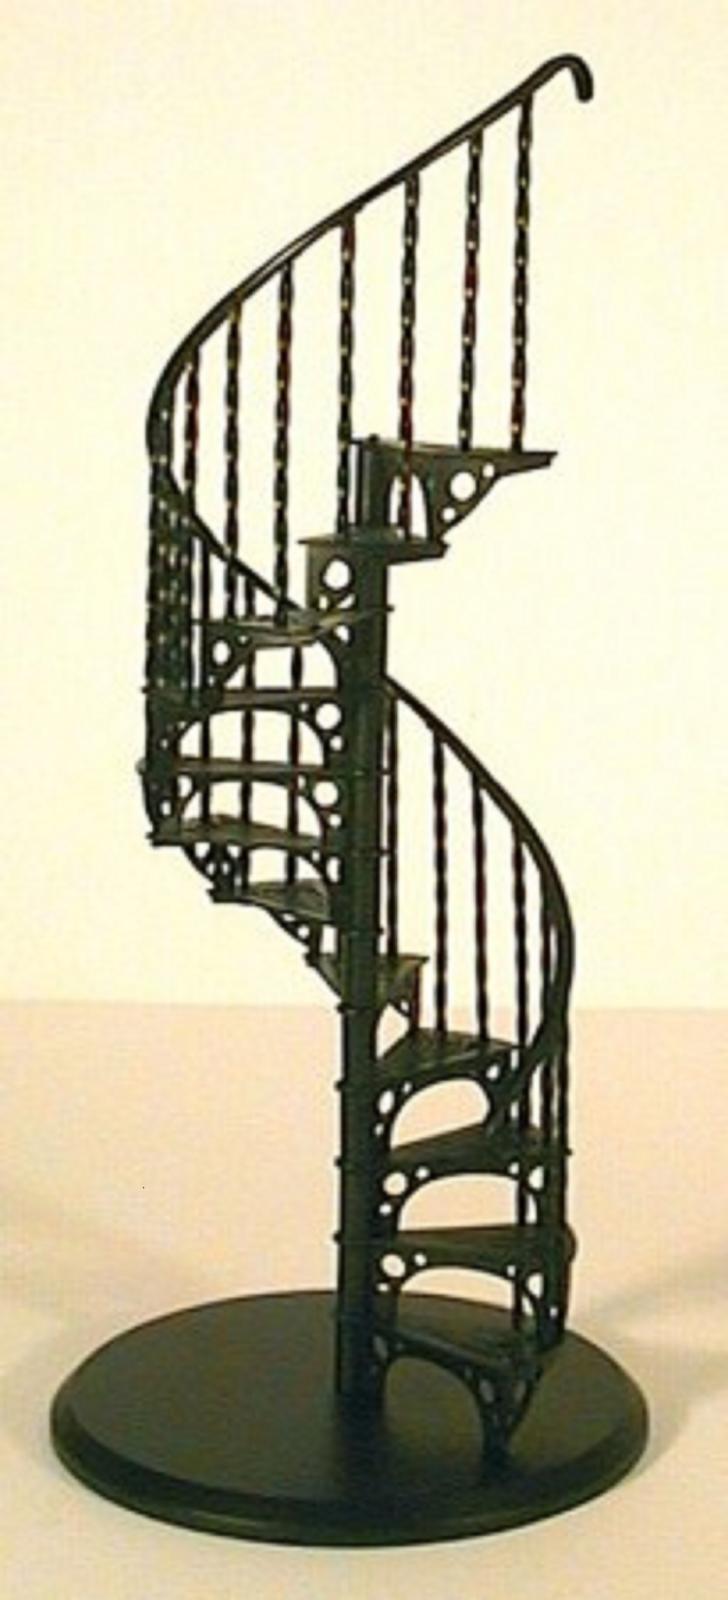 Maison de poupées Spiral Staircase Staircase Staircase Kit métal échelle 1:12 miniature escalier 9d1879